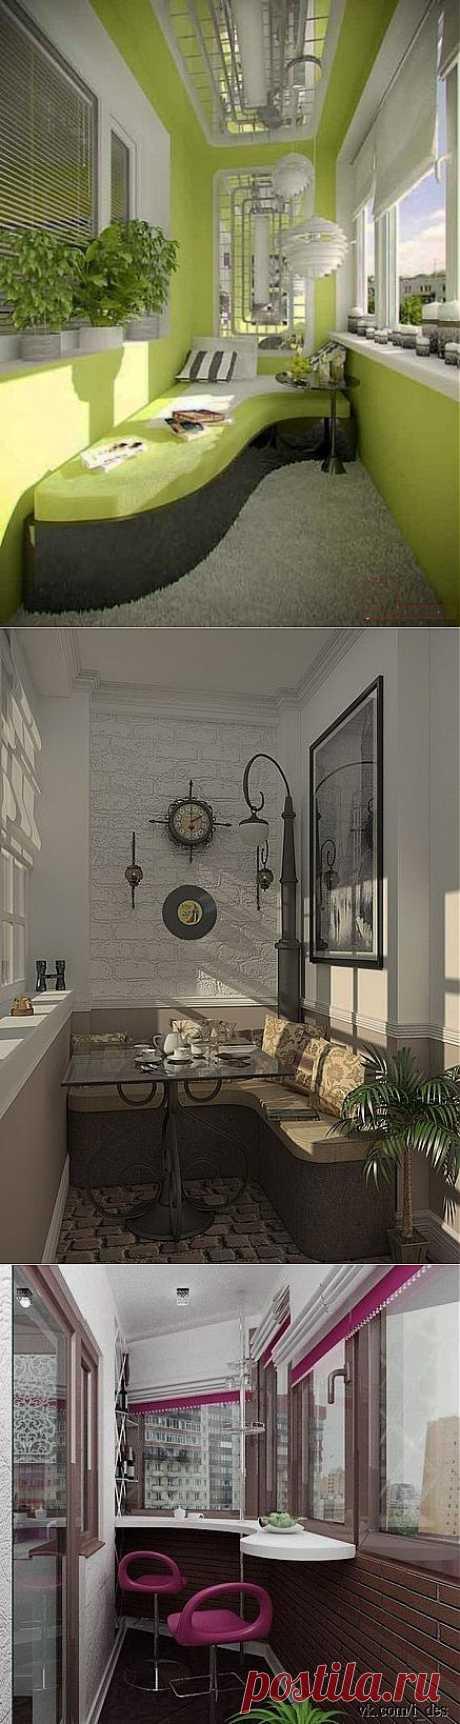 Идеи дизайна балконов и лоджий | Самоделкино